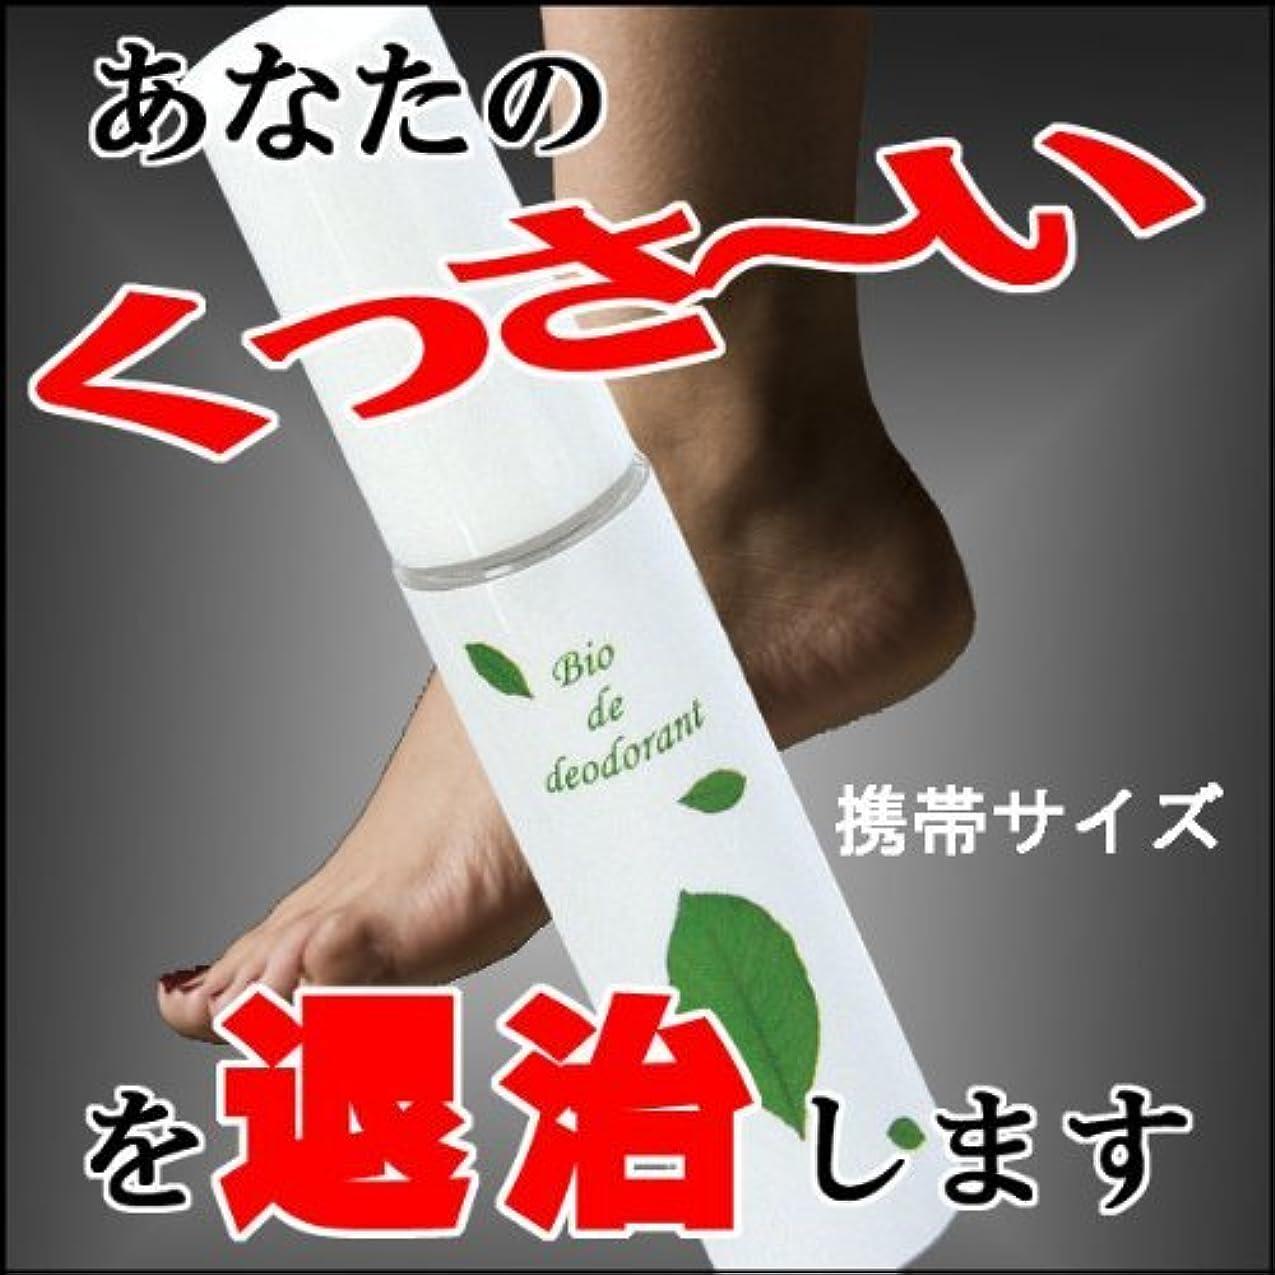 王子バイパスマーキー【足臭専門店】バイオdeデオドラント4本セット